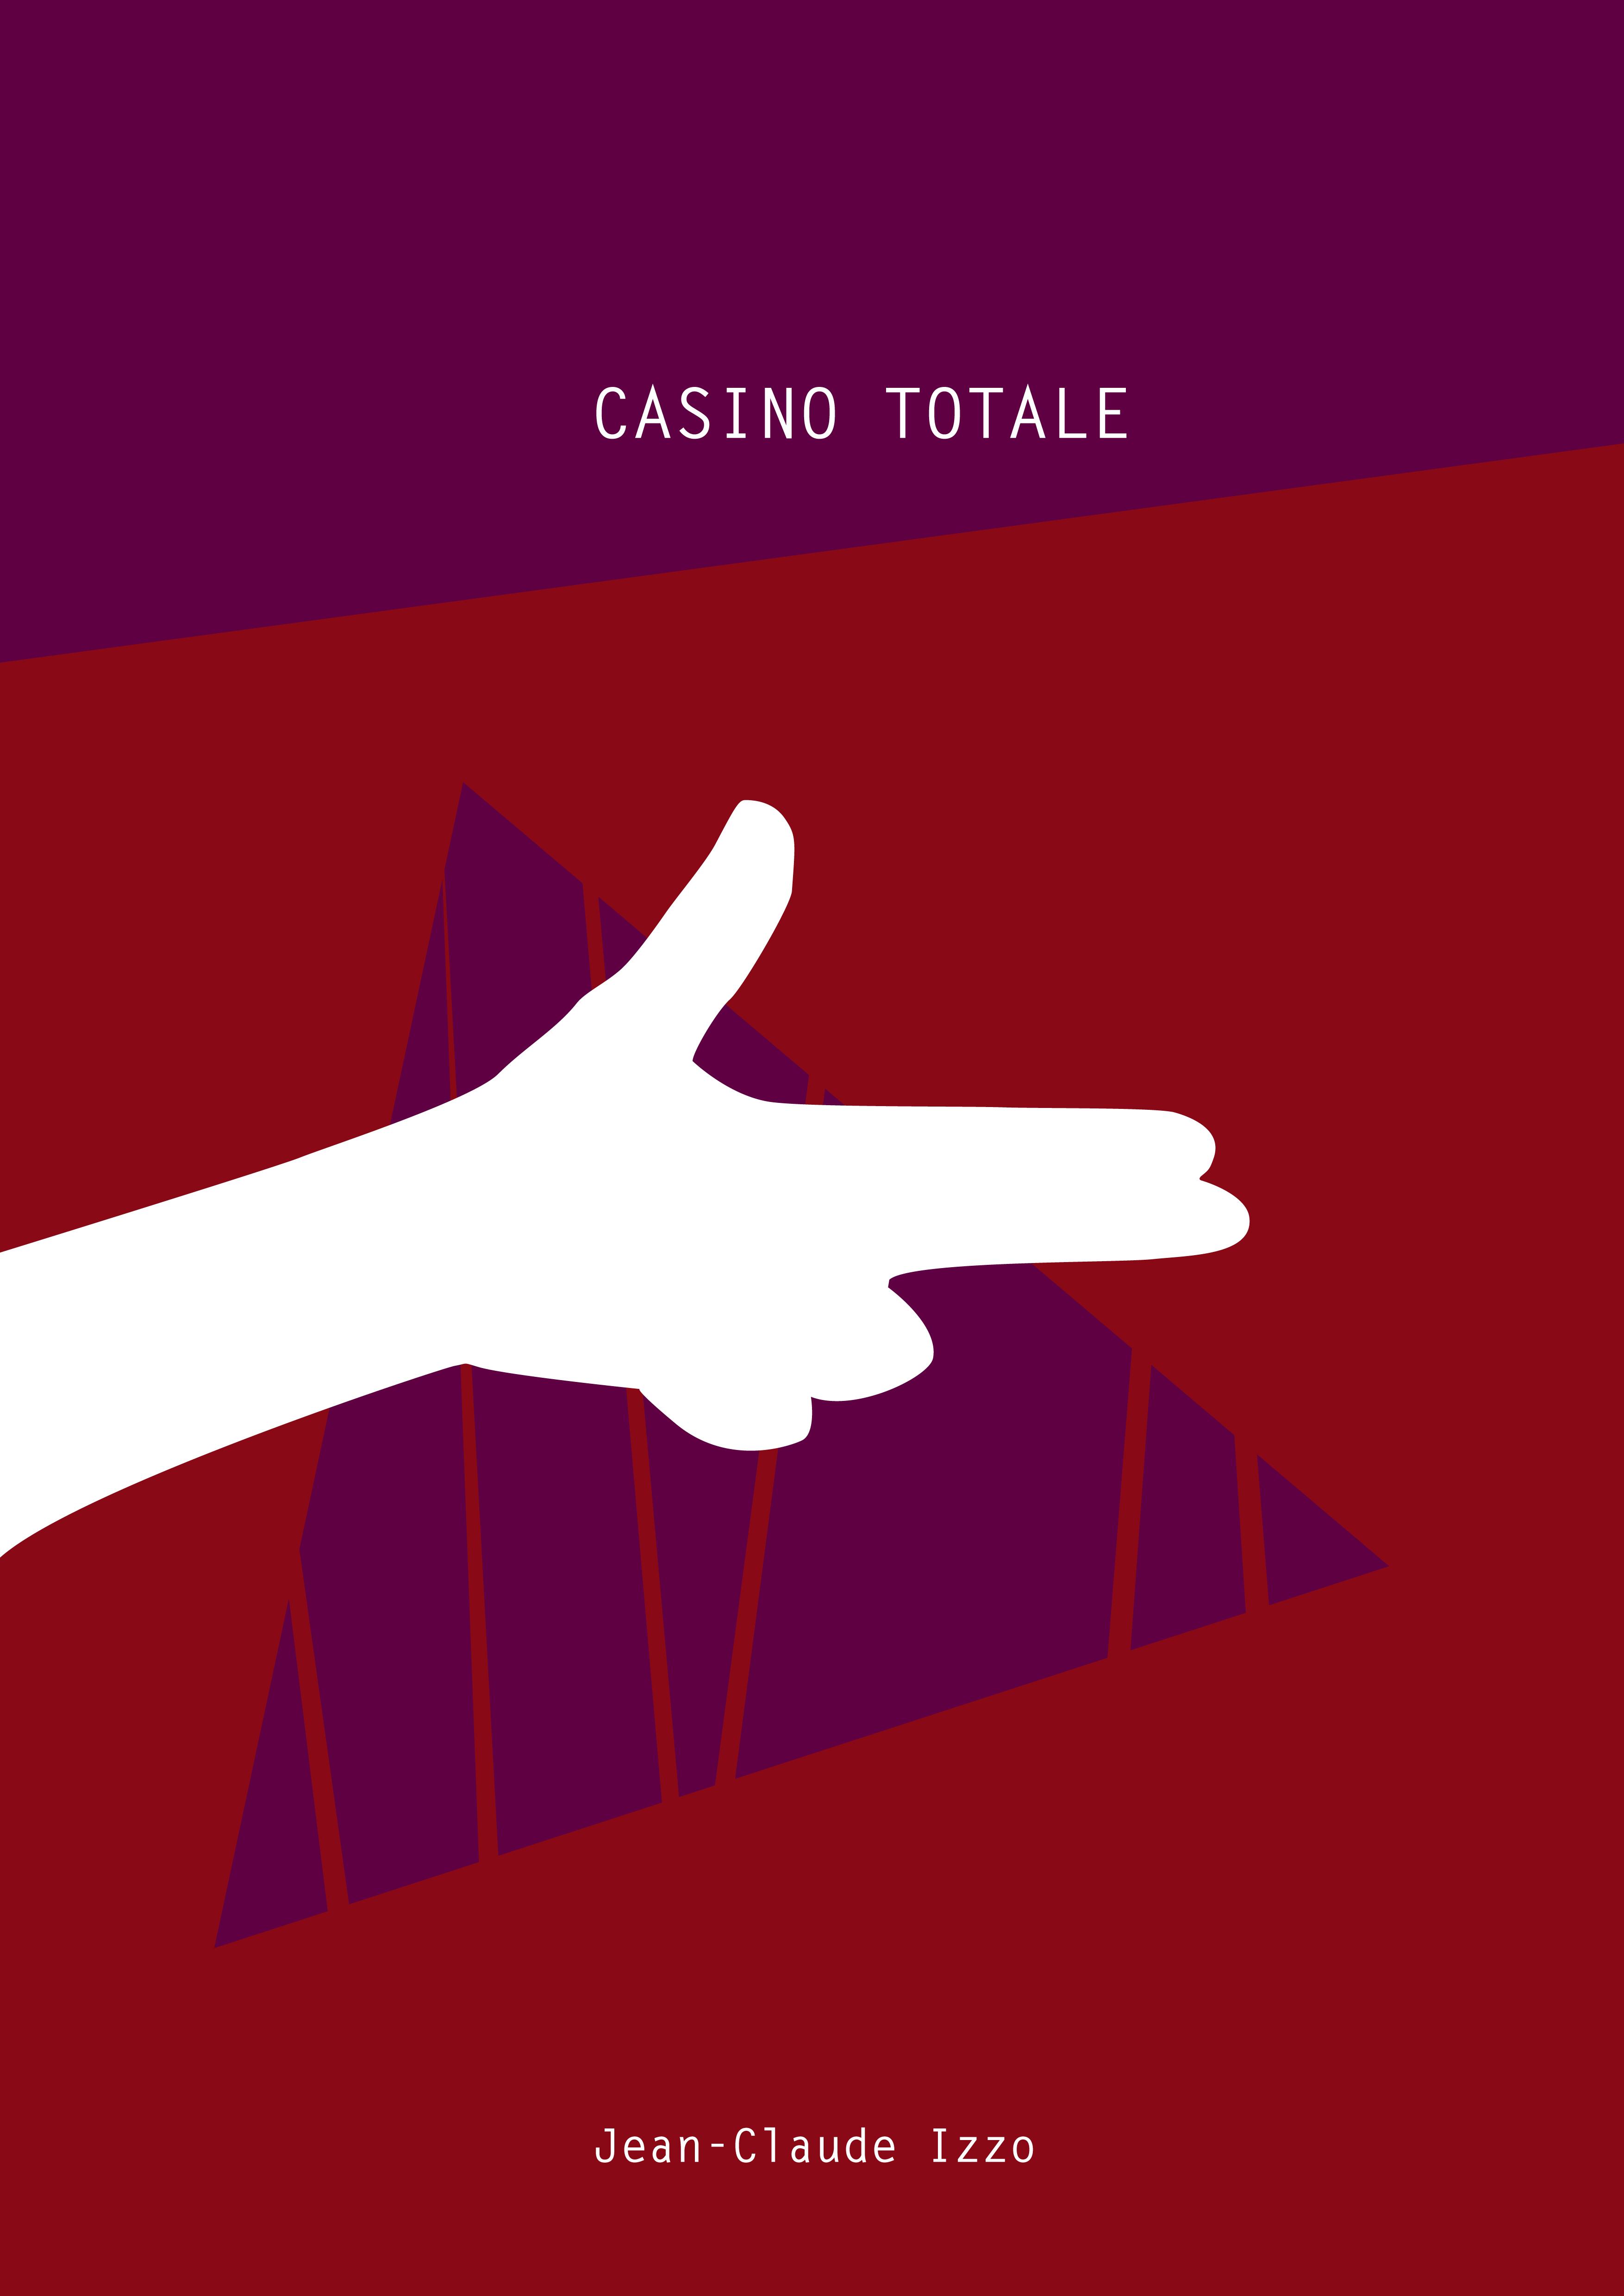 casino_totale